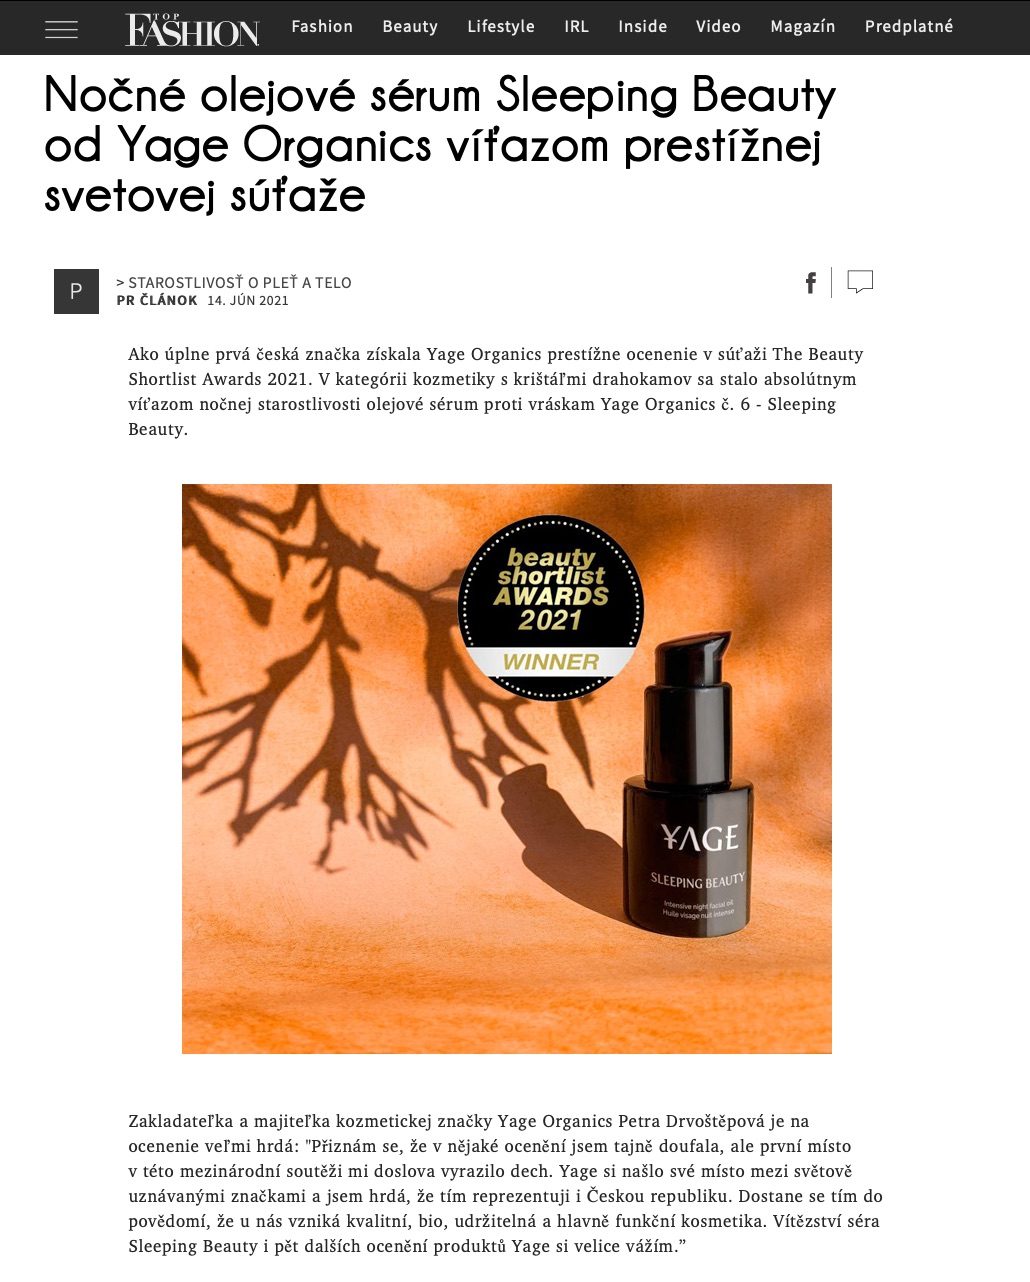 Top Fashion - Nočnýpleťový olej Sleeping Beauty od Yage Organics víťazom prestížnej svetovej súťaže